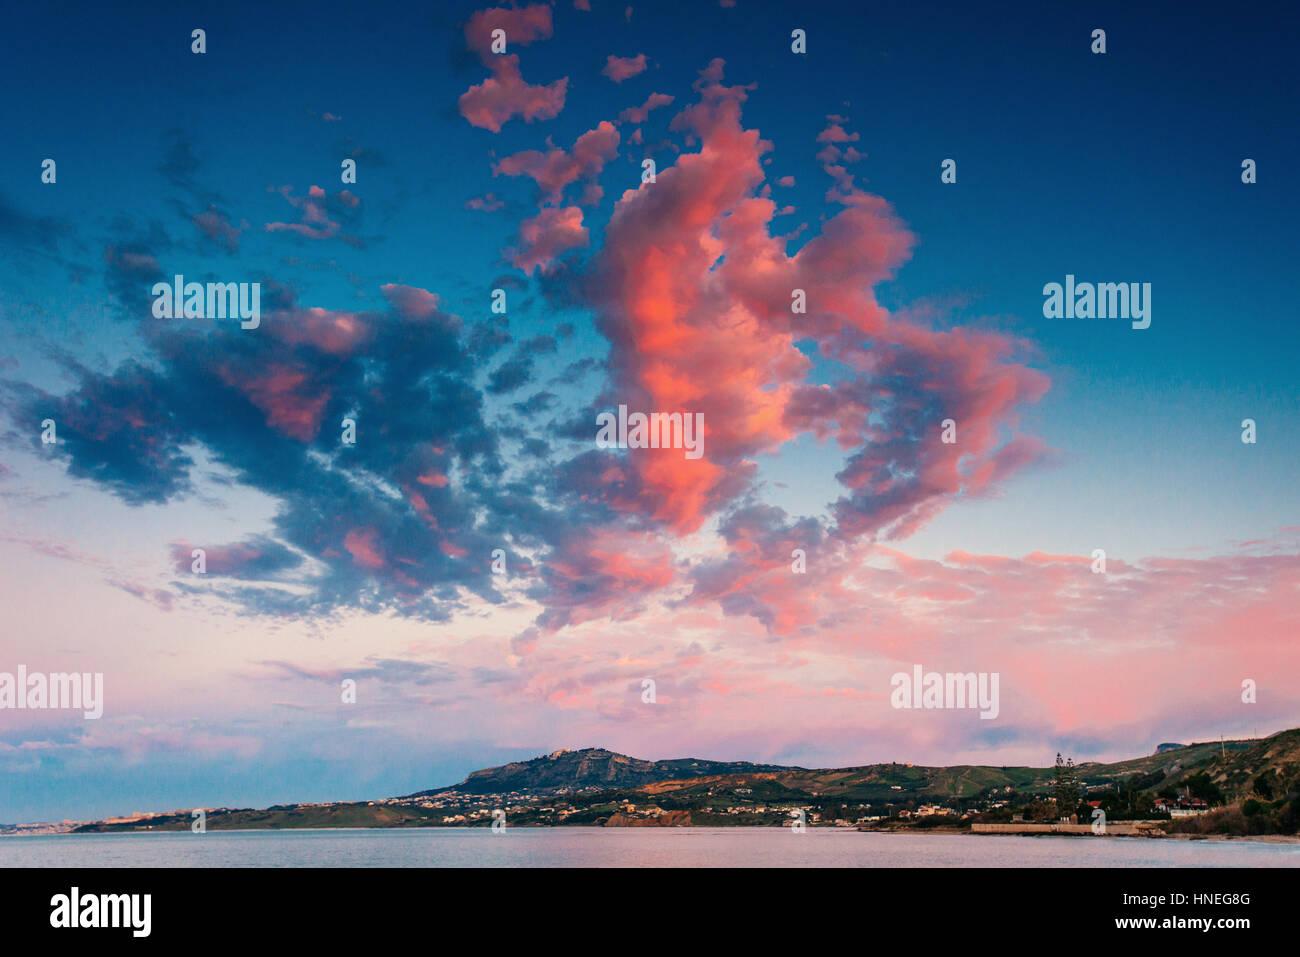 Spring panorama of sea coast city Trapany. Sicily Italy Europe - Stock Image